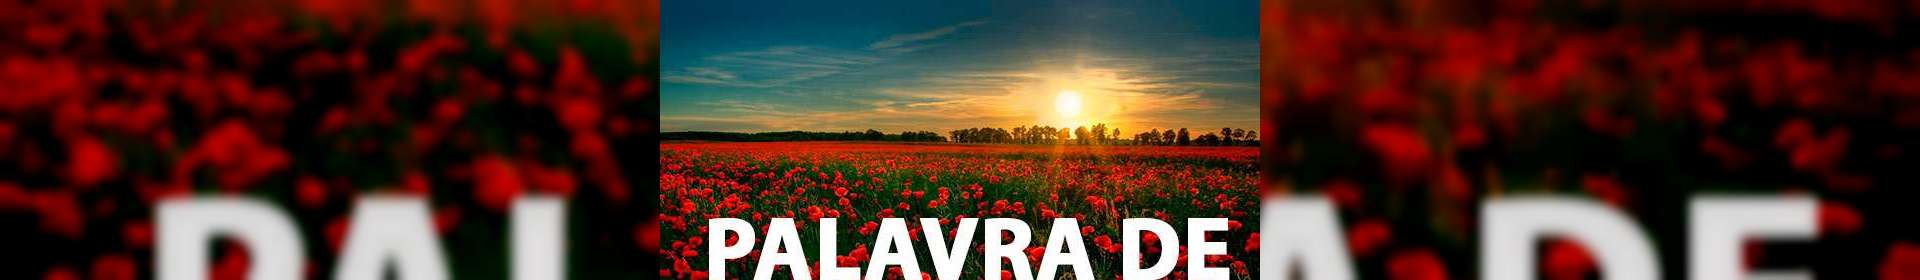 Salmos 55:16,17 - Uma Palavra de Esperança para sua vida